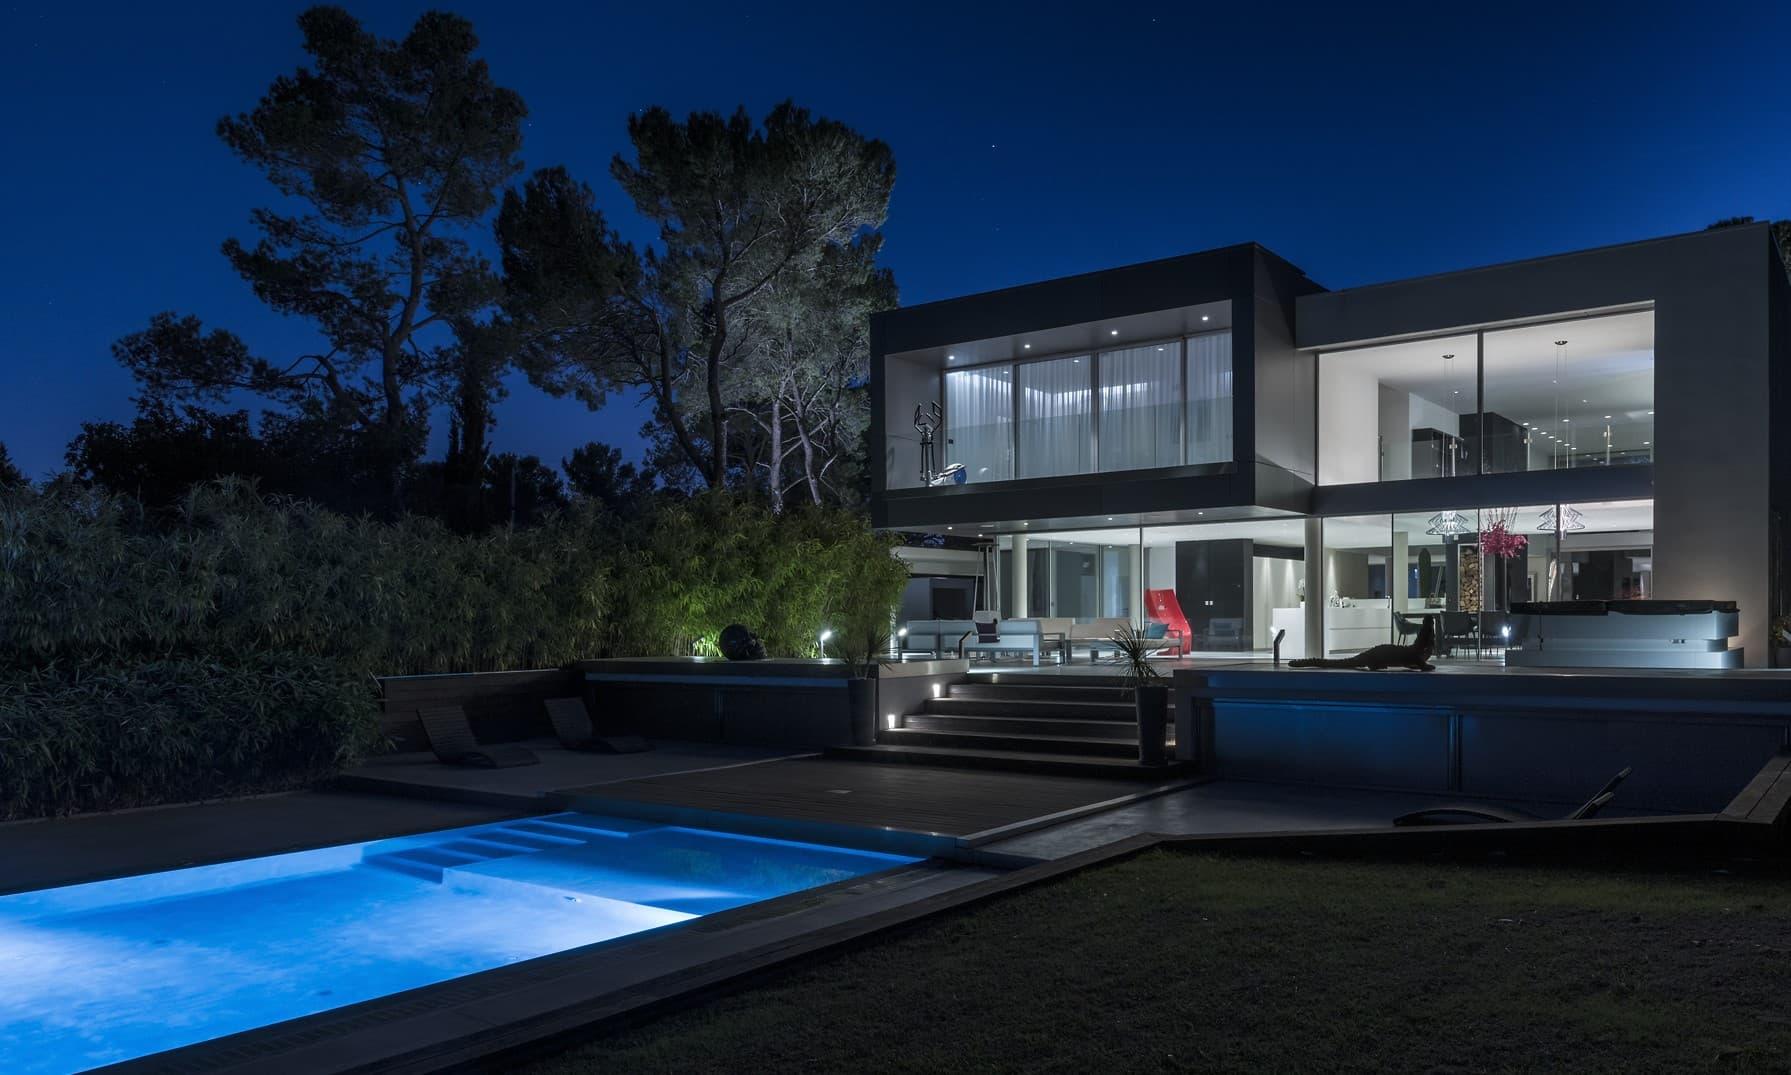 Villa privée Roméo vue de nuit en extérieur